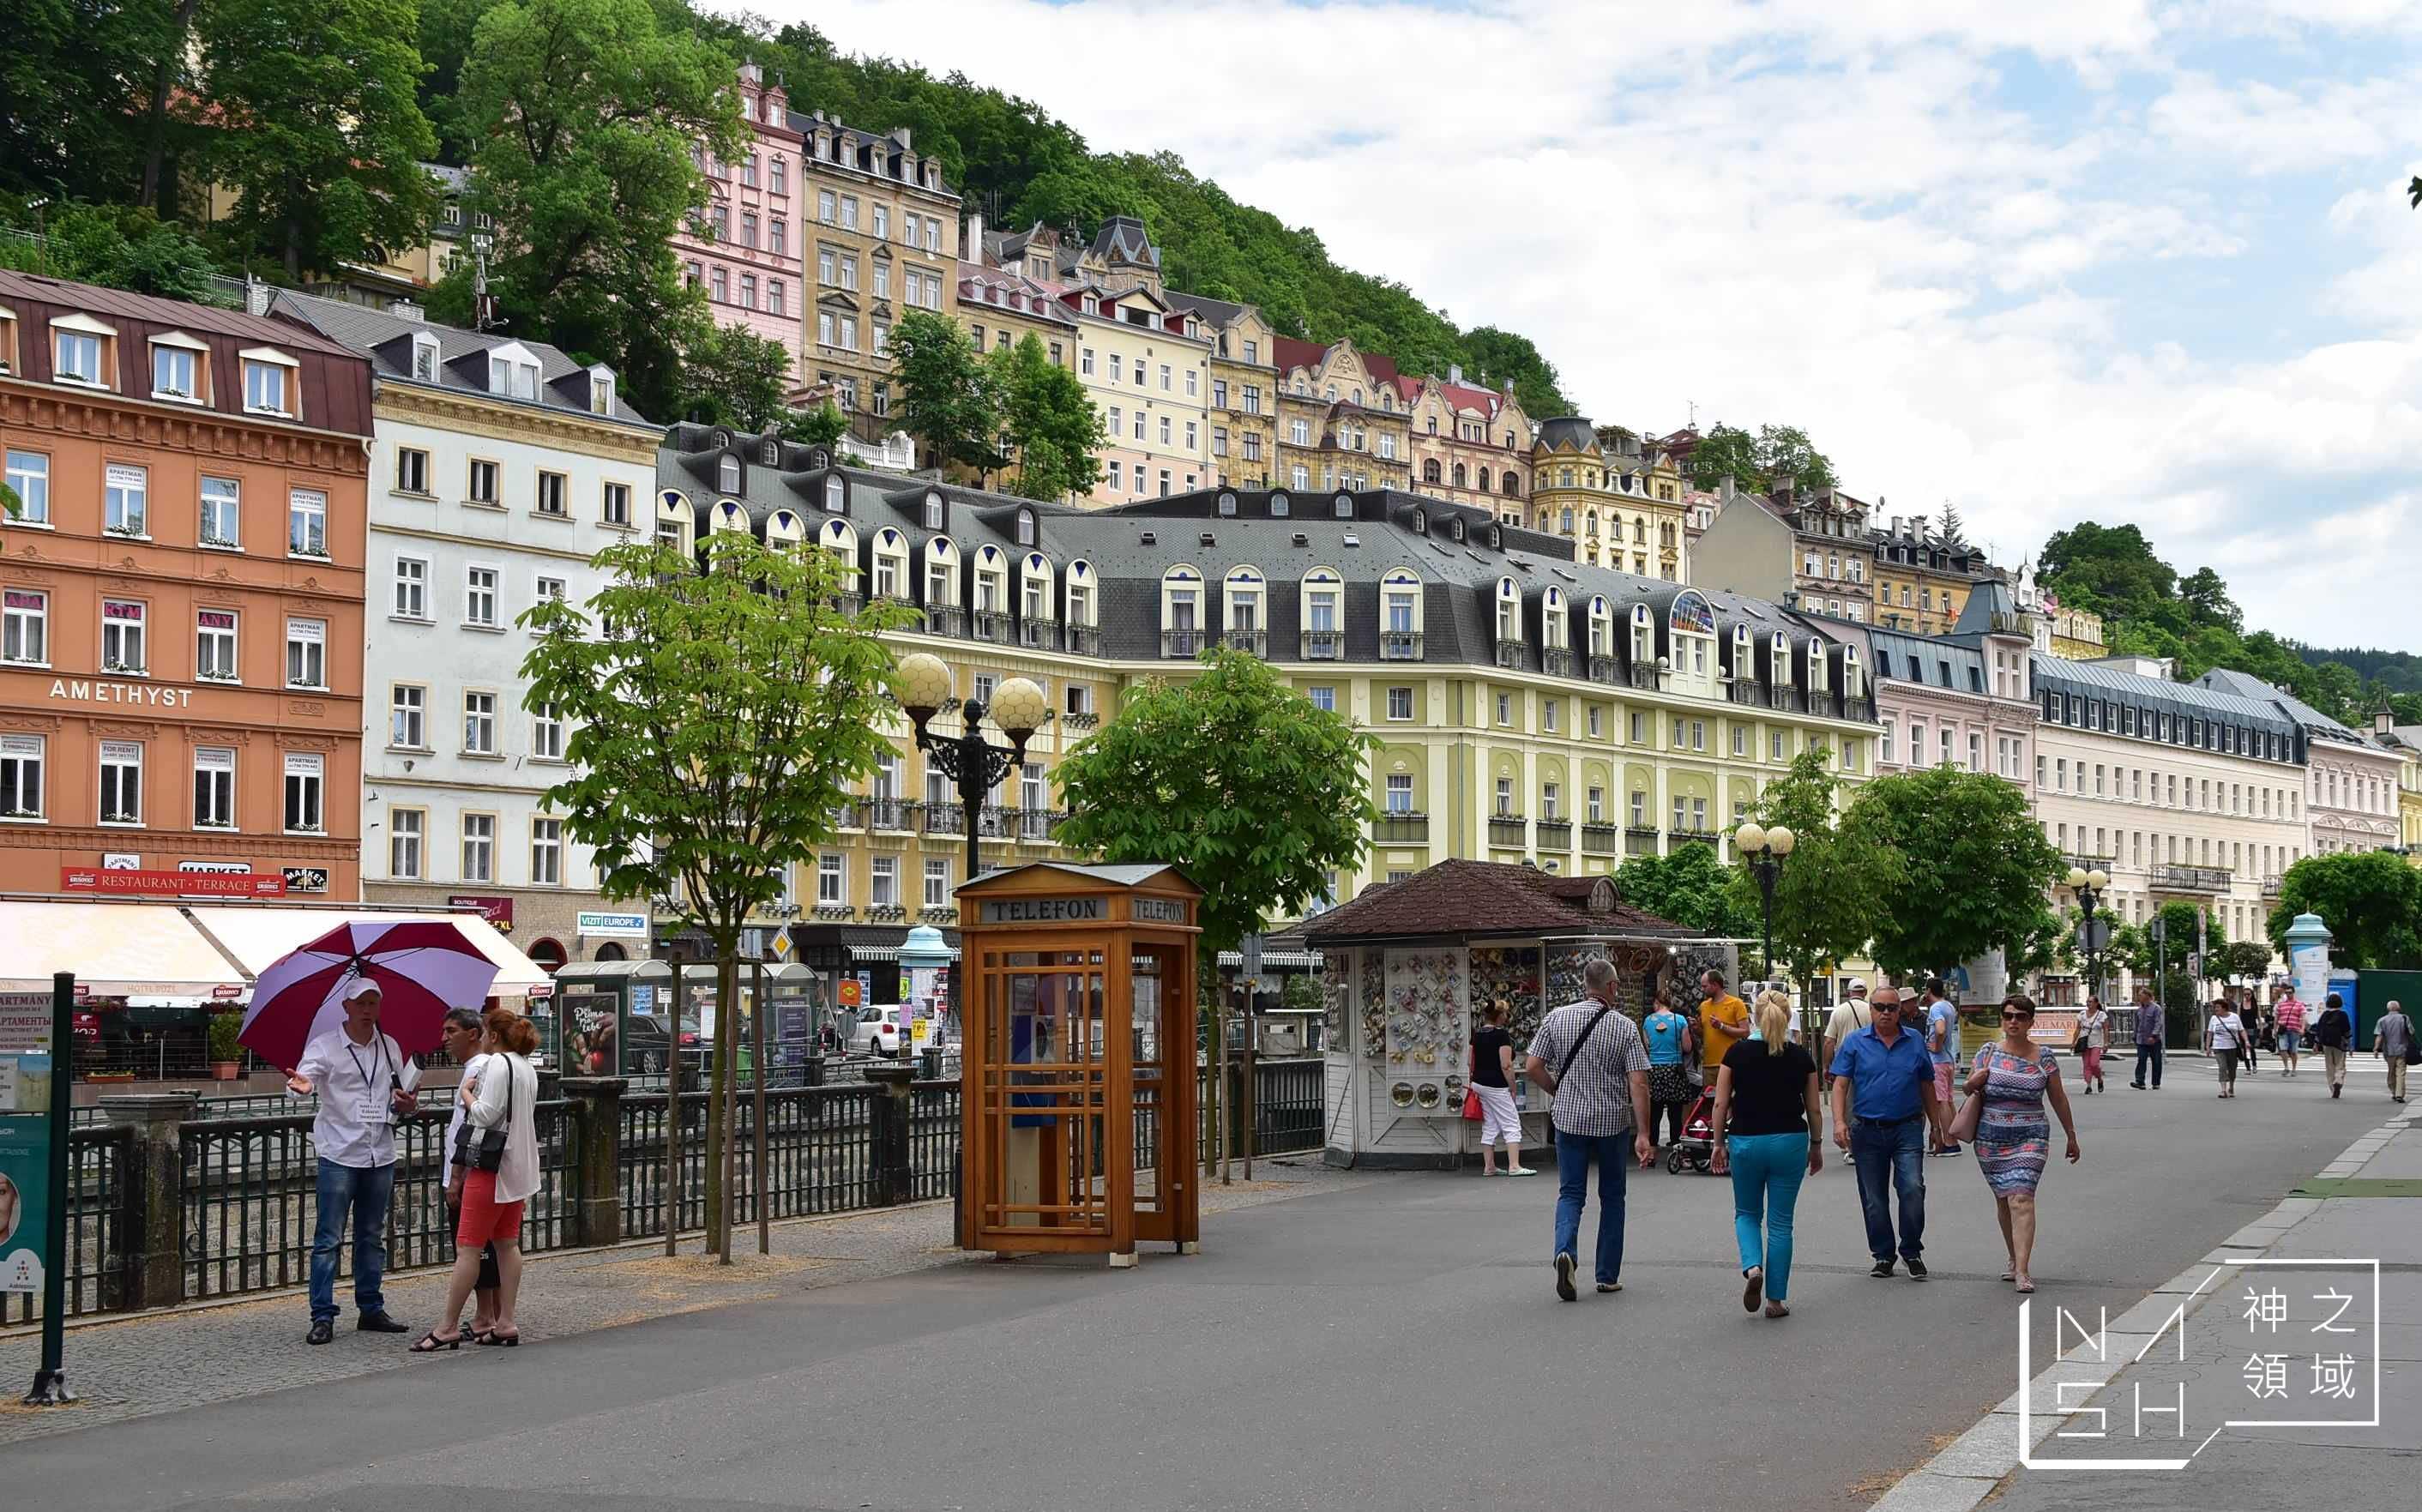 卡羅維瓦利,卡羅維瓦利交通,卡羅維瓦利怎麼去,卡羅維瓦利Karlovy Vary,捷克溫泉鄉,捷克溫泉鄉交通 @Nash,神之領域